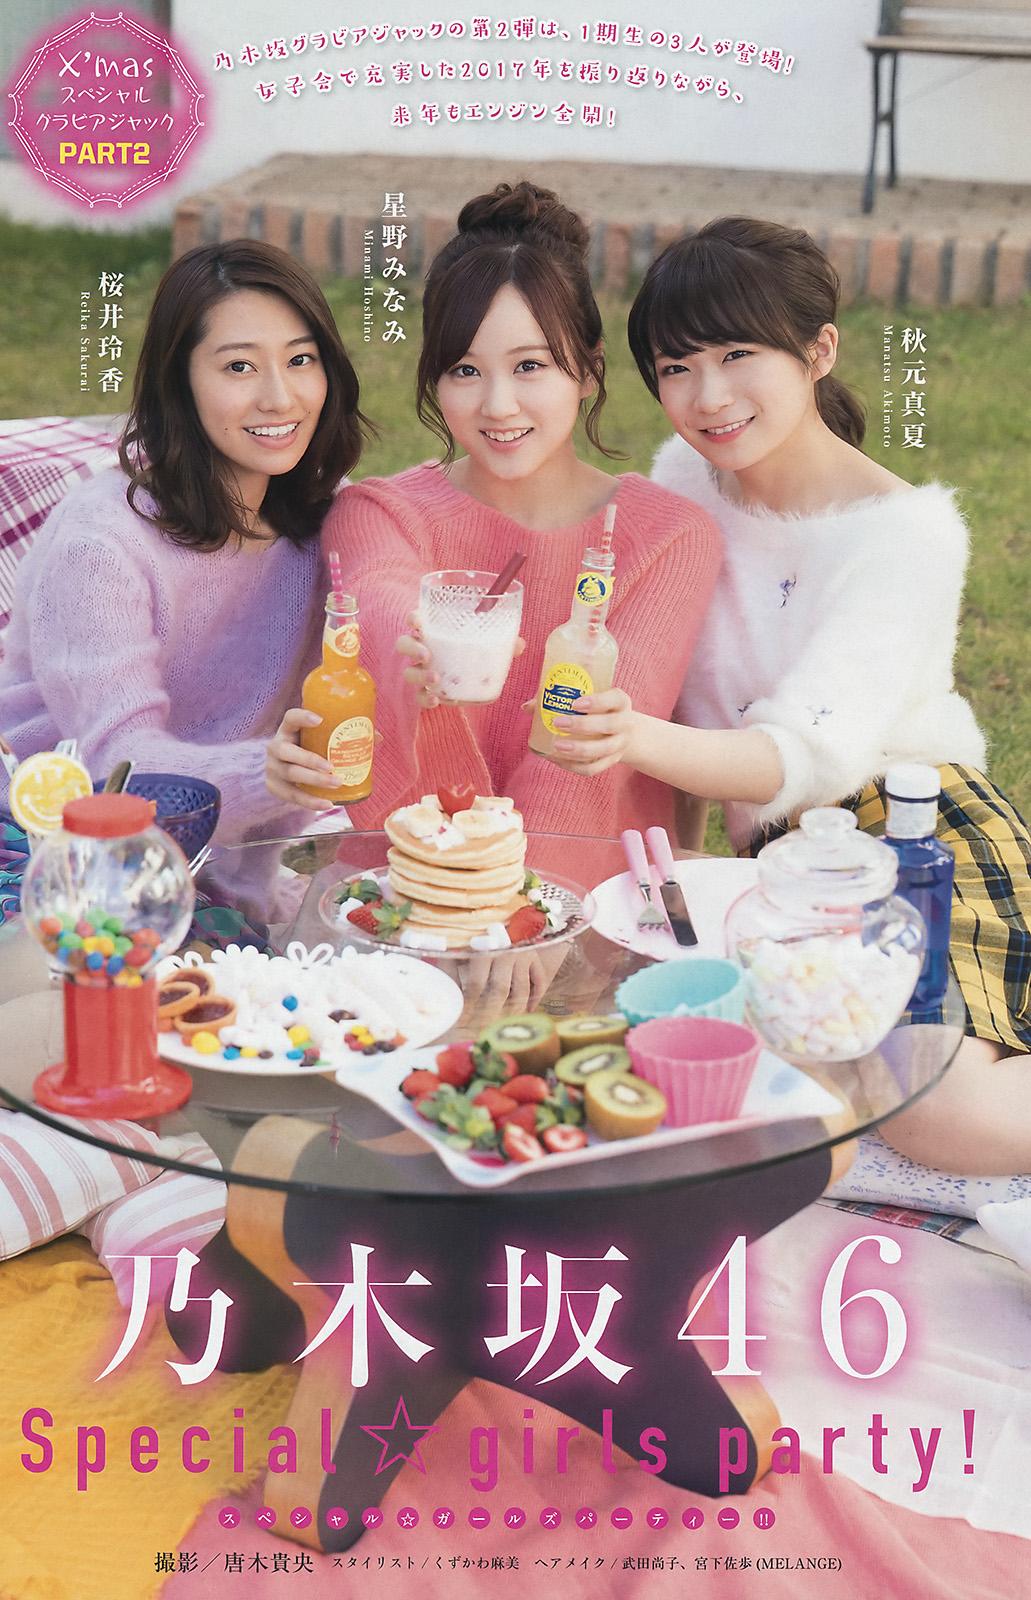 Nogizaka46 乃木坂46, Young Magazine 2018 No.02-03 Part.02 (週刊ヤングマガジン 2018年2-3号)